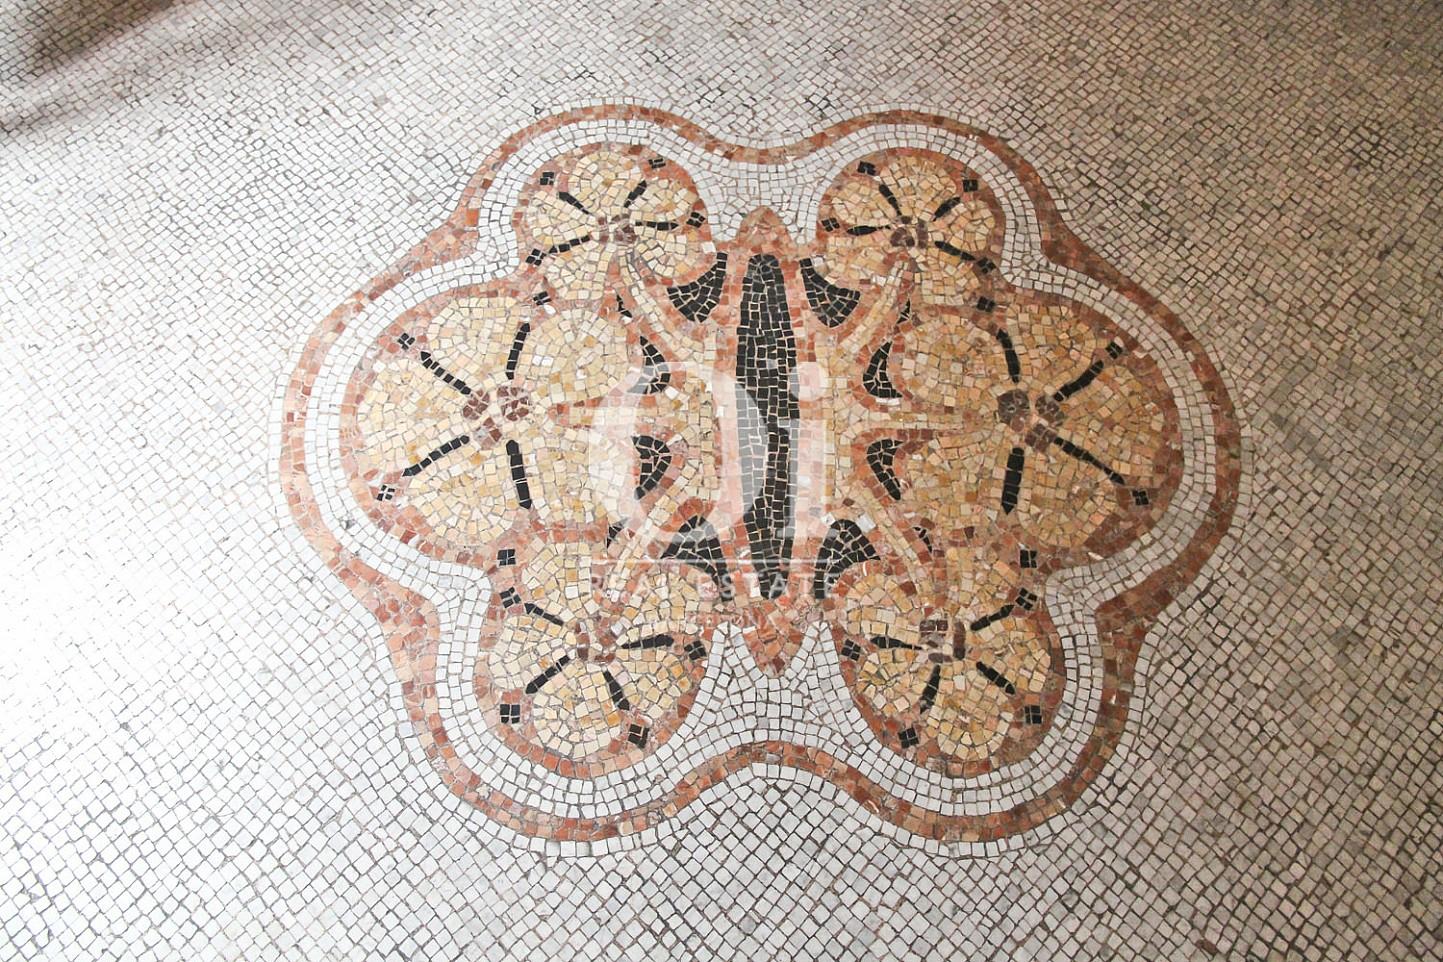 Impresionantes mosaicos en los techos-piso de lujo-Eixample Barcelona